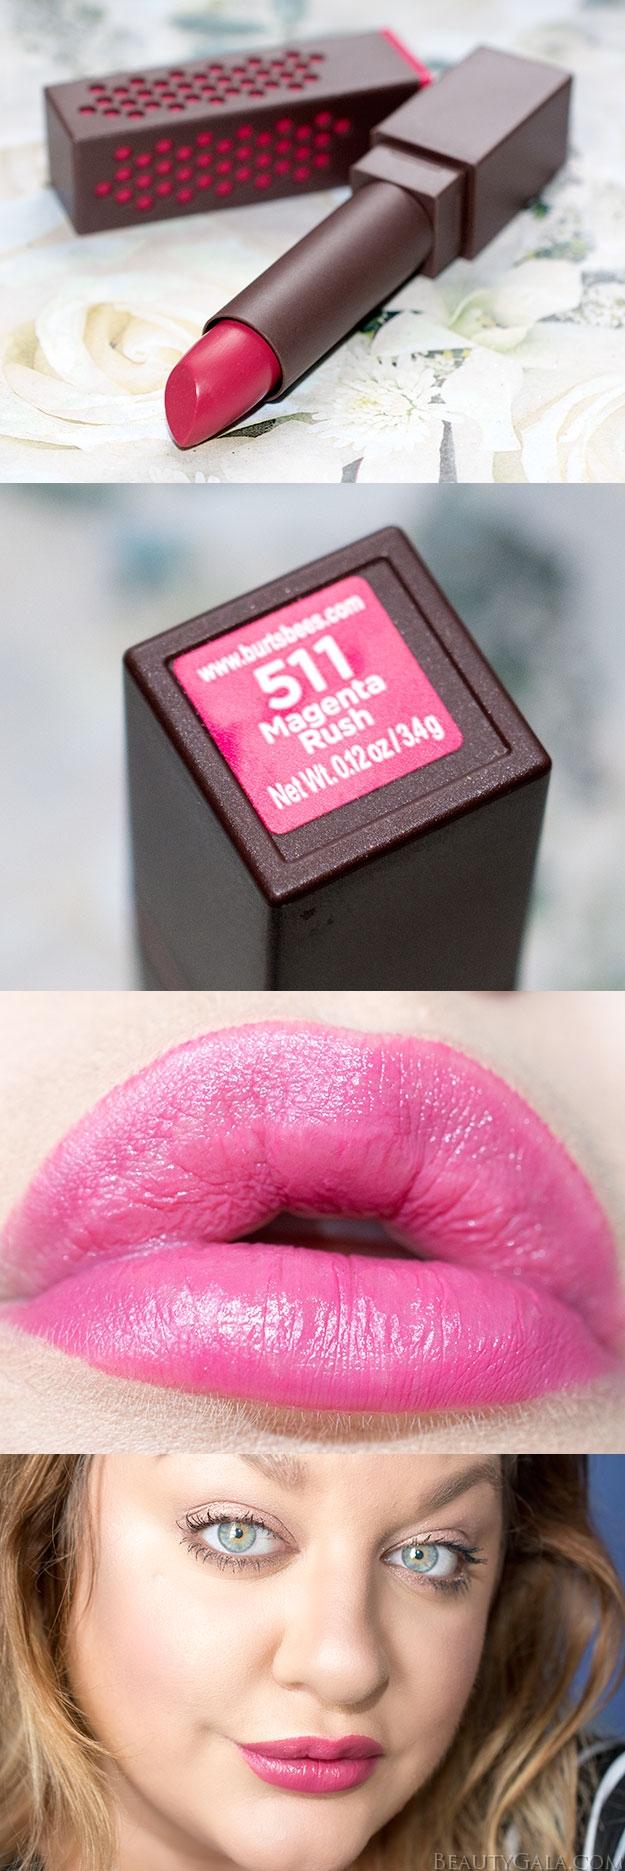 """Drugstore Beauty Burt's Bees Lipstick in """"Magenta Rush"""